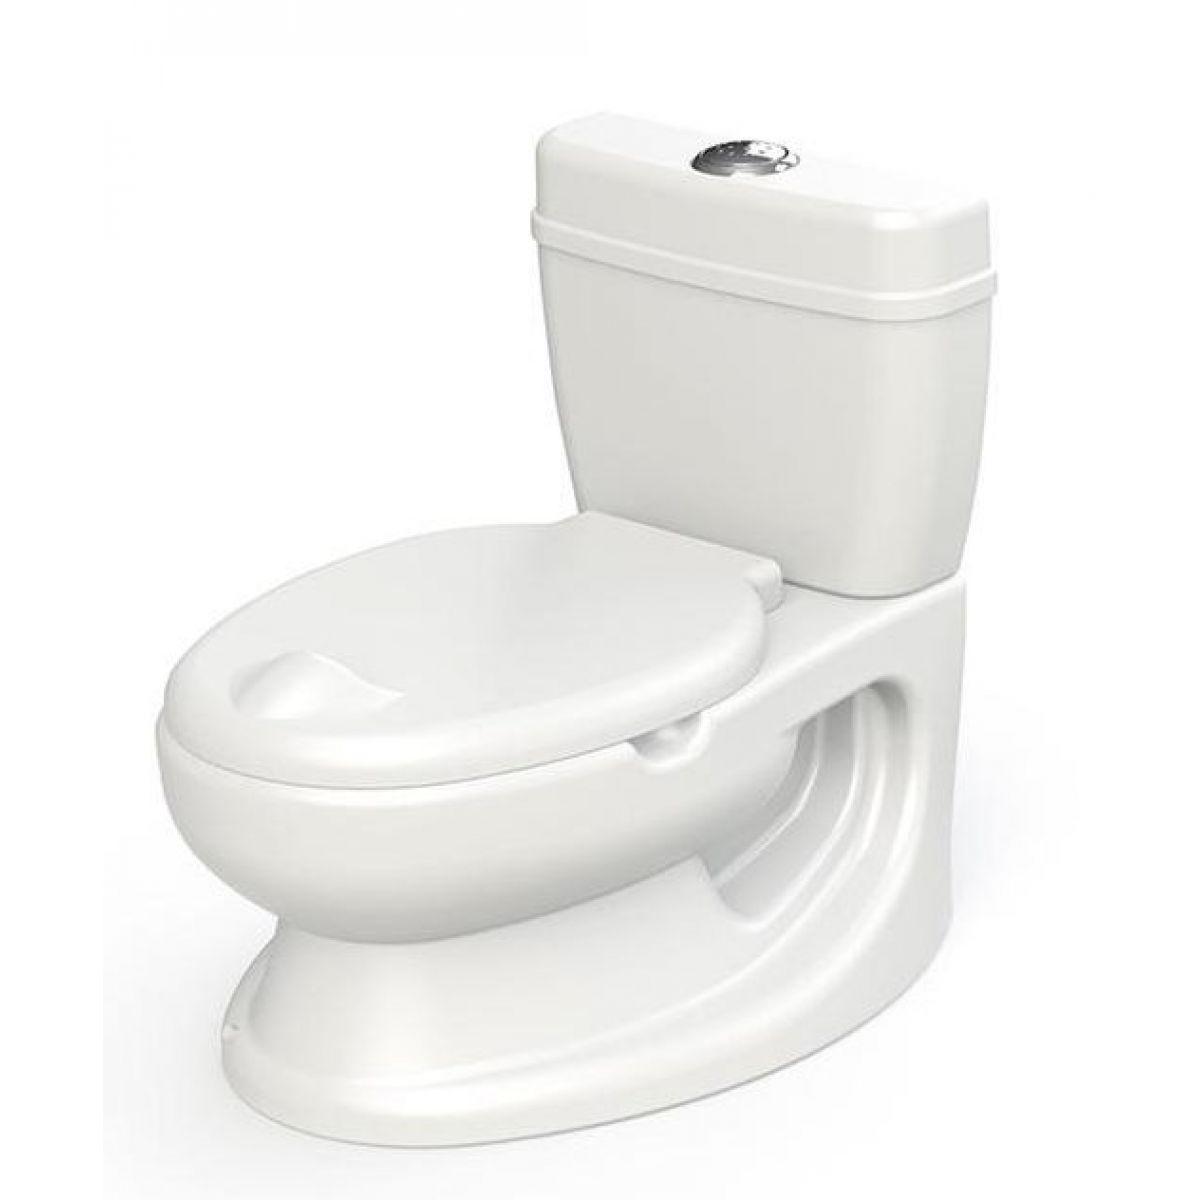 Dolu Detská toaleta